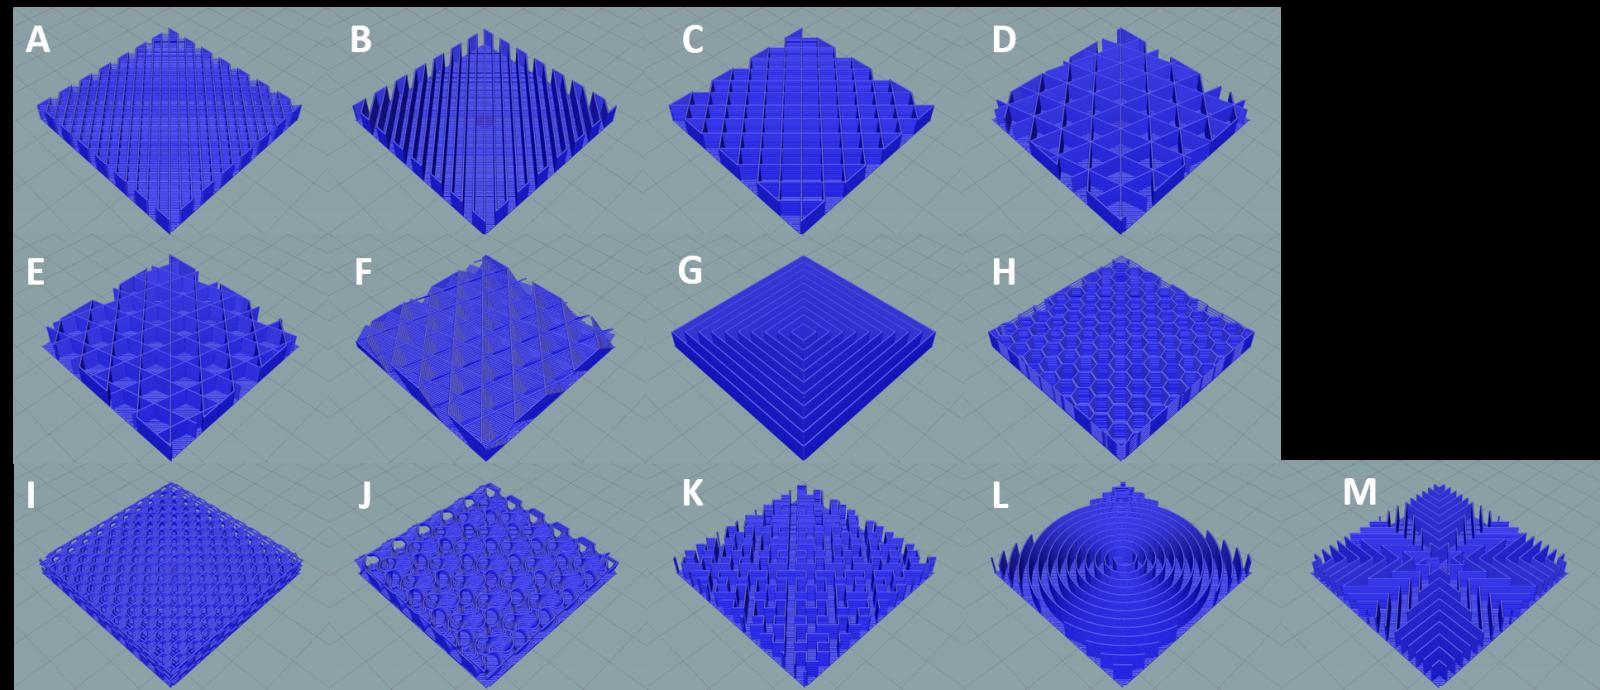 slic3r infill pattern